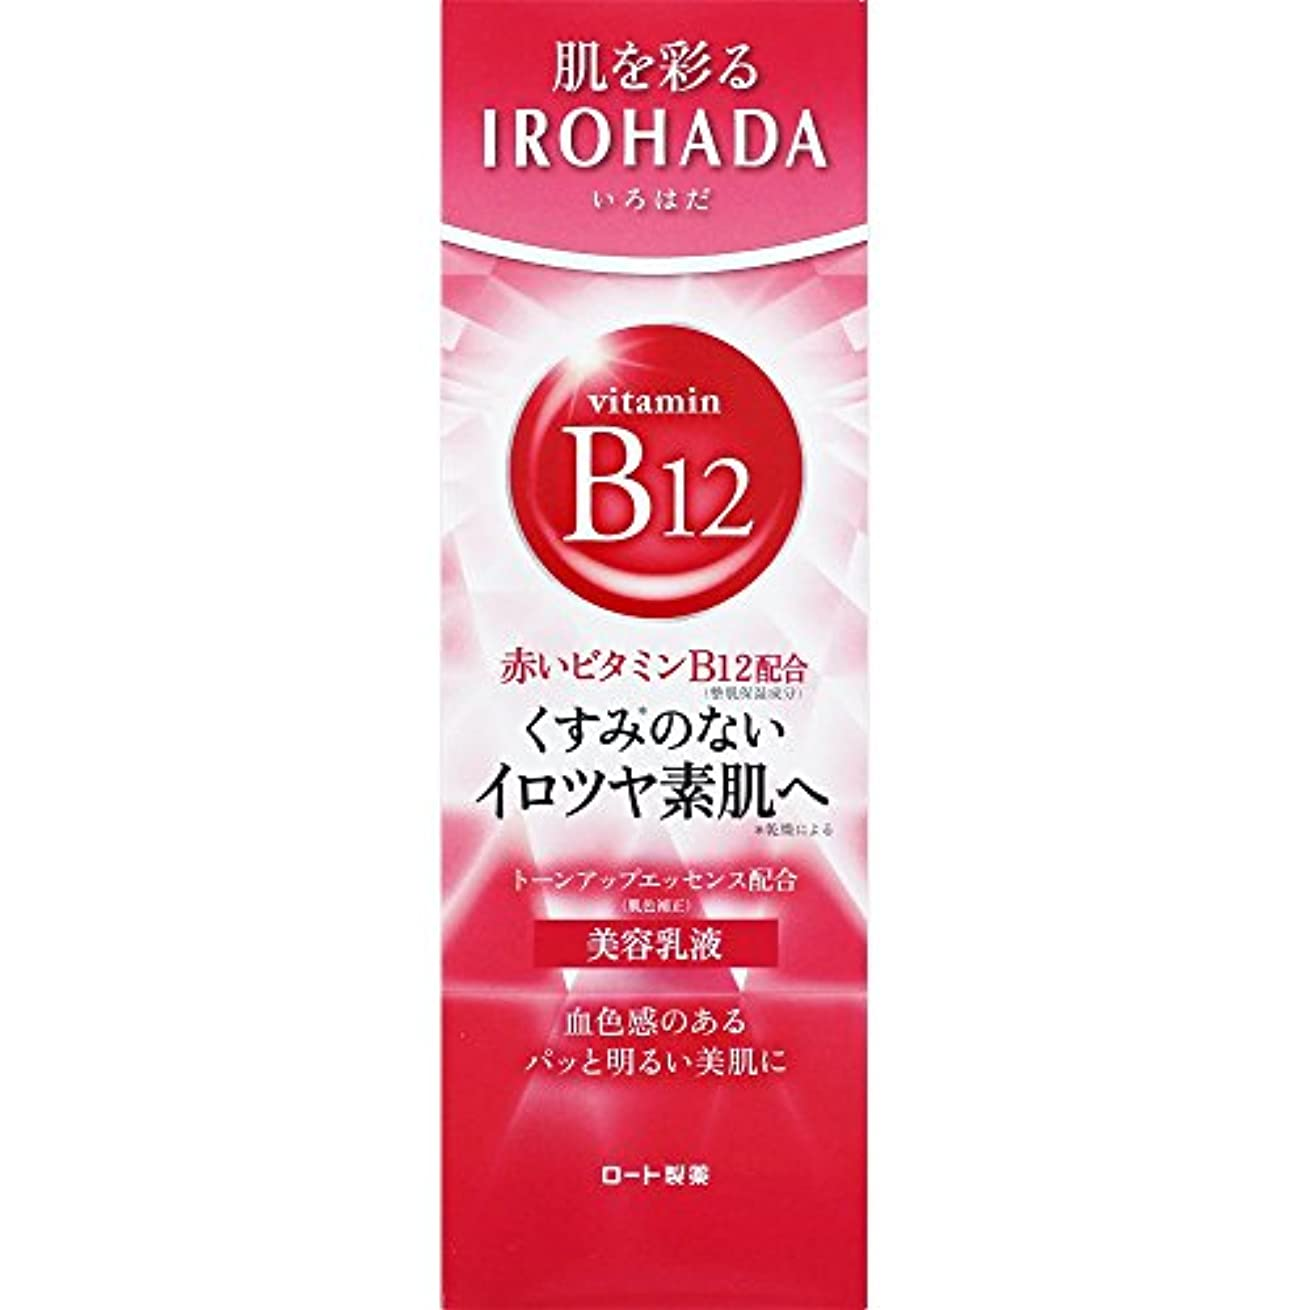 サポートミント社会科ロート製薬 いろはだ (IROHADA) 赤いビタミンB12×スクワラン配合 美容乳液 110g